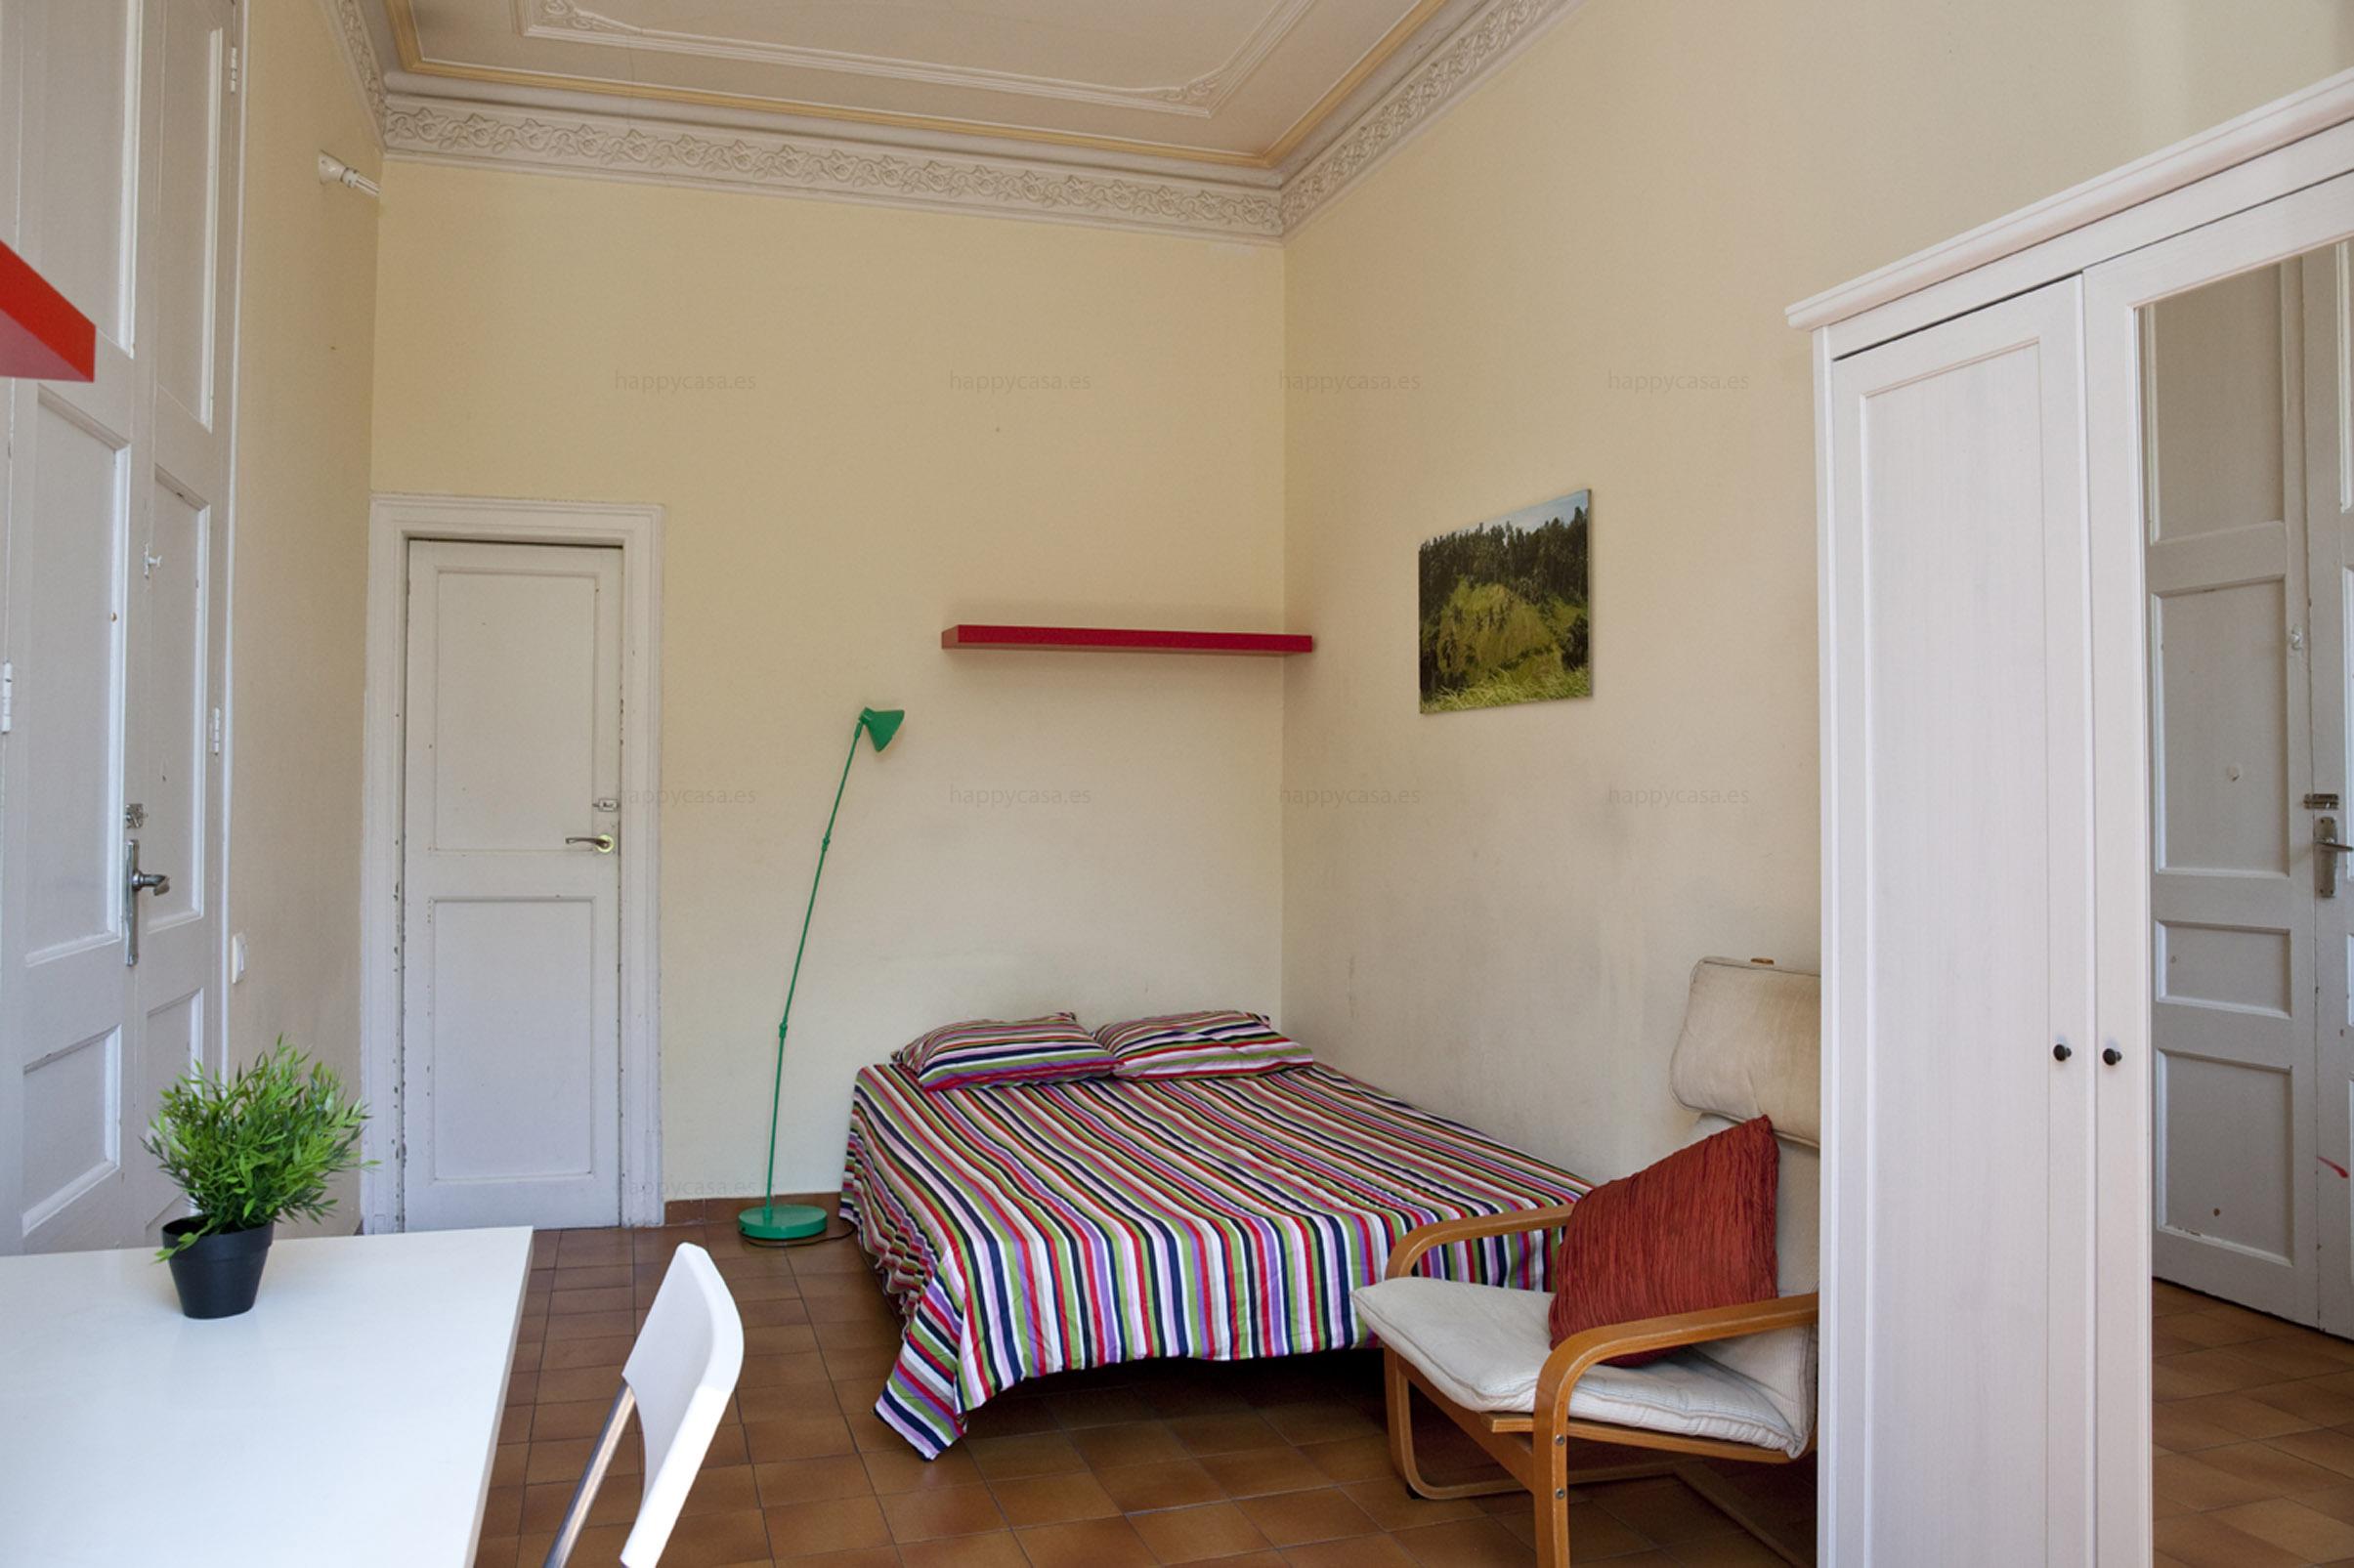 Cama doble en habitación soleada en piso compartido Barcelona